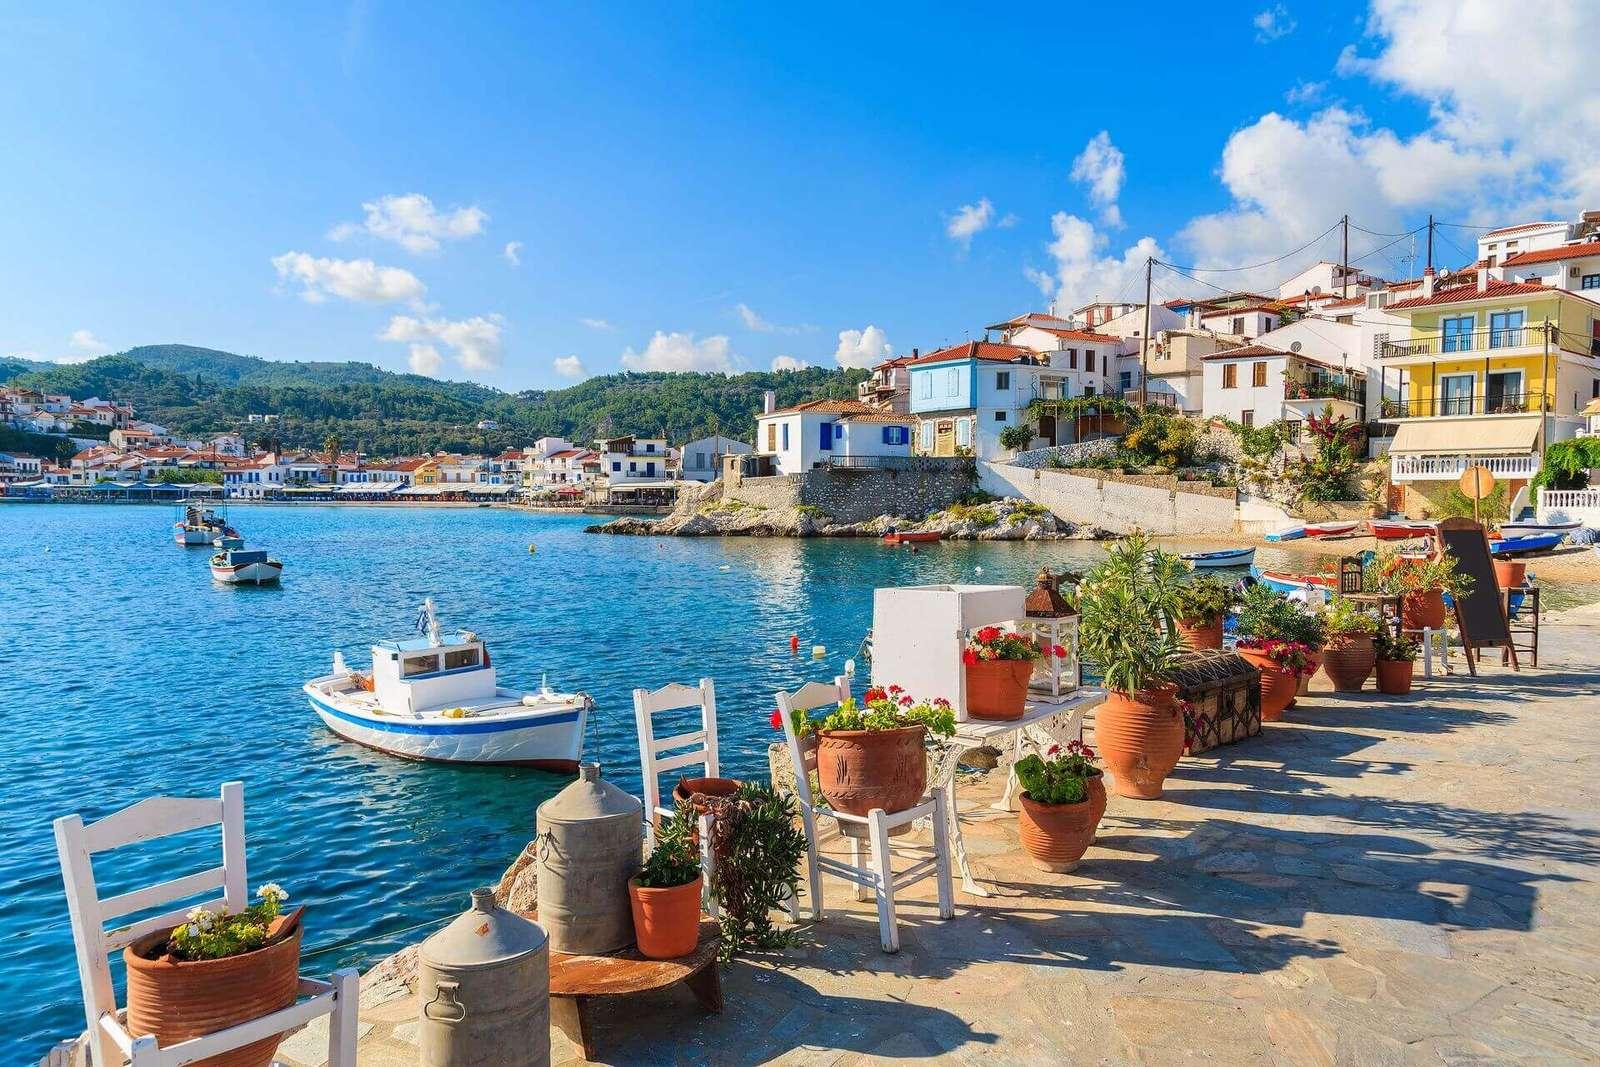 Vid vattnet i Grekland - Se. Grekisk ö. Blommor vid stranden i Grekland. Se............... M (10×10)